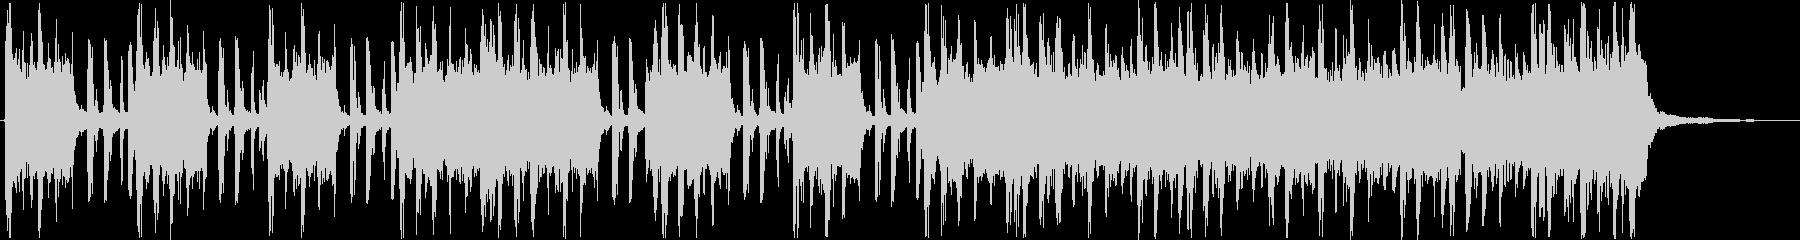 重低音がカッコいいハードロック調の曲の未再生の波形